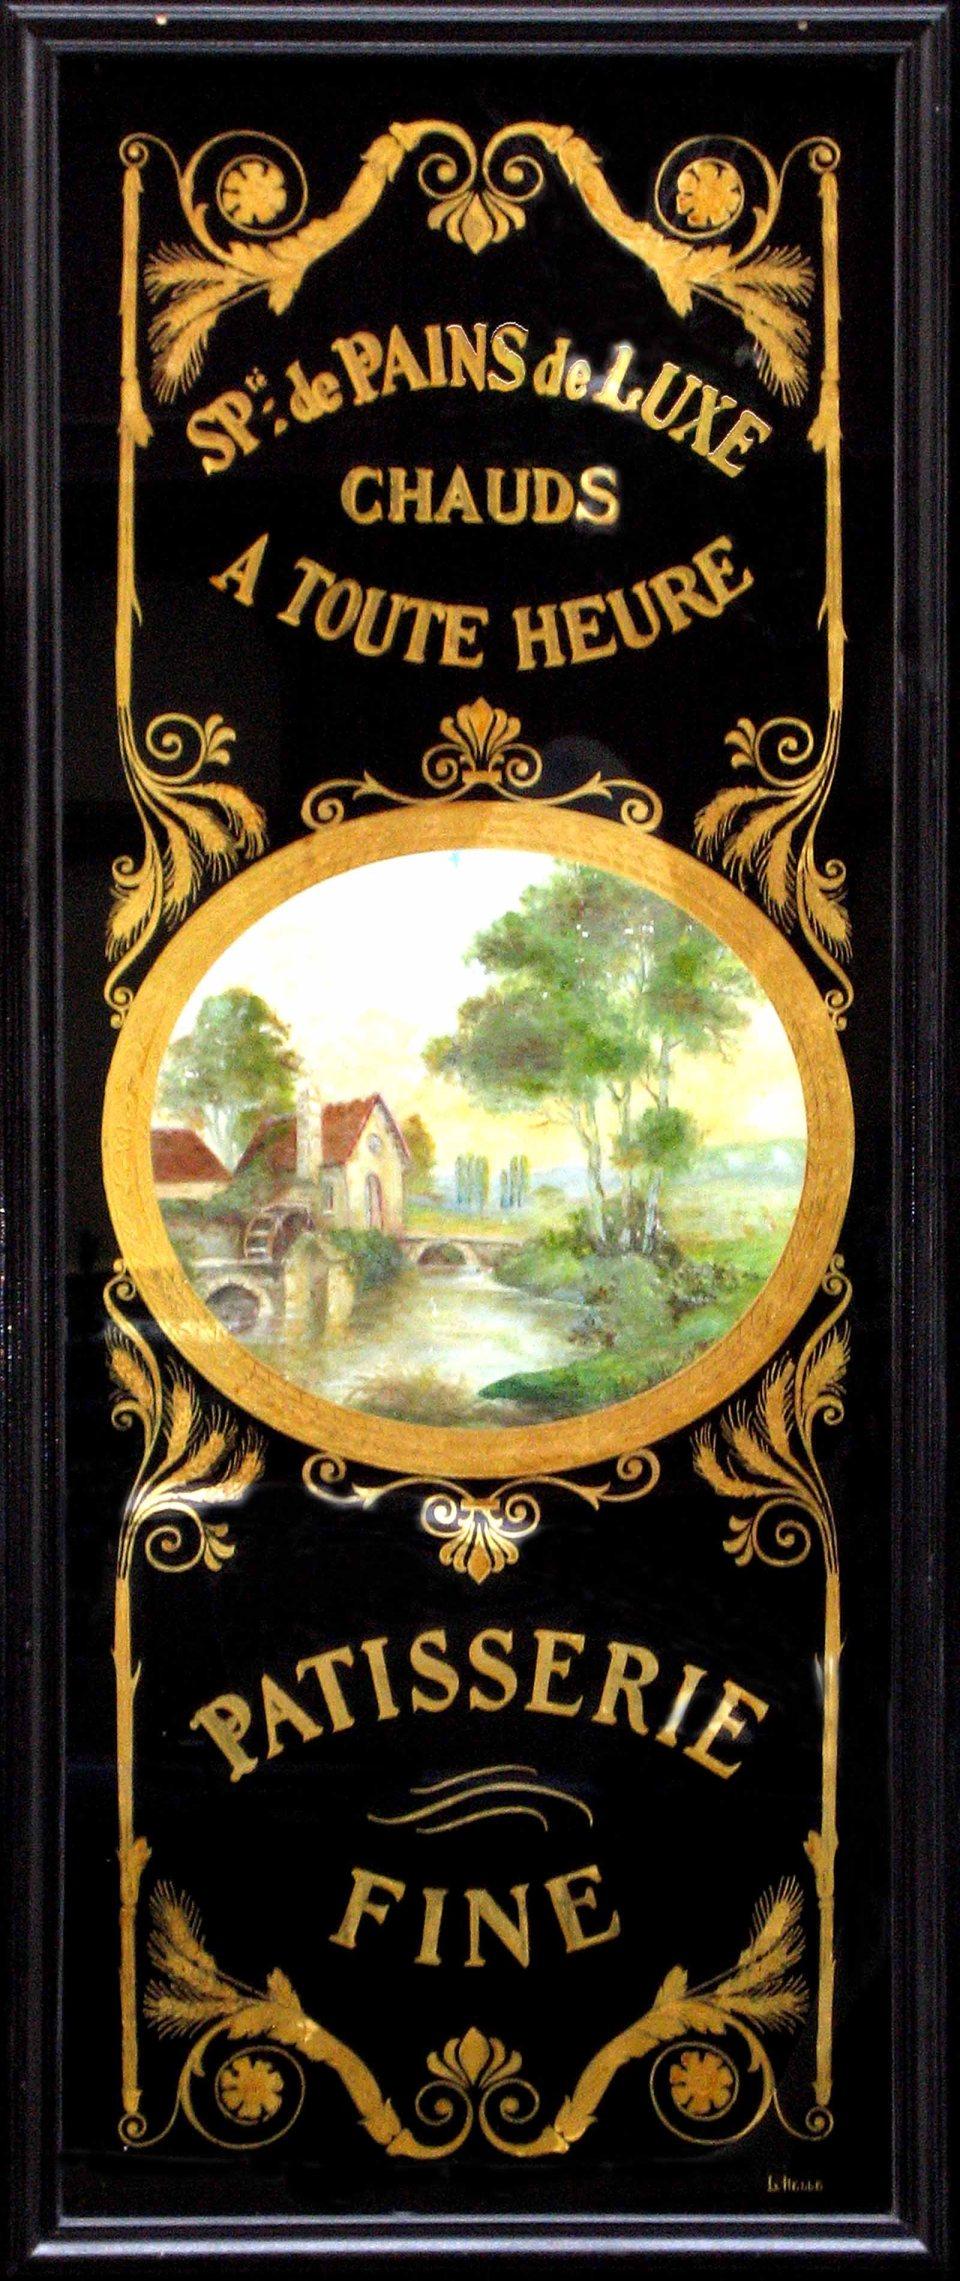 Panneau décoratif feuille d'or patisserie fine